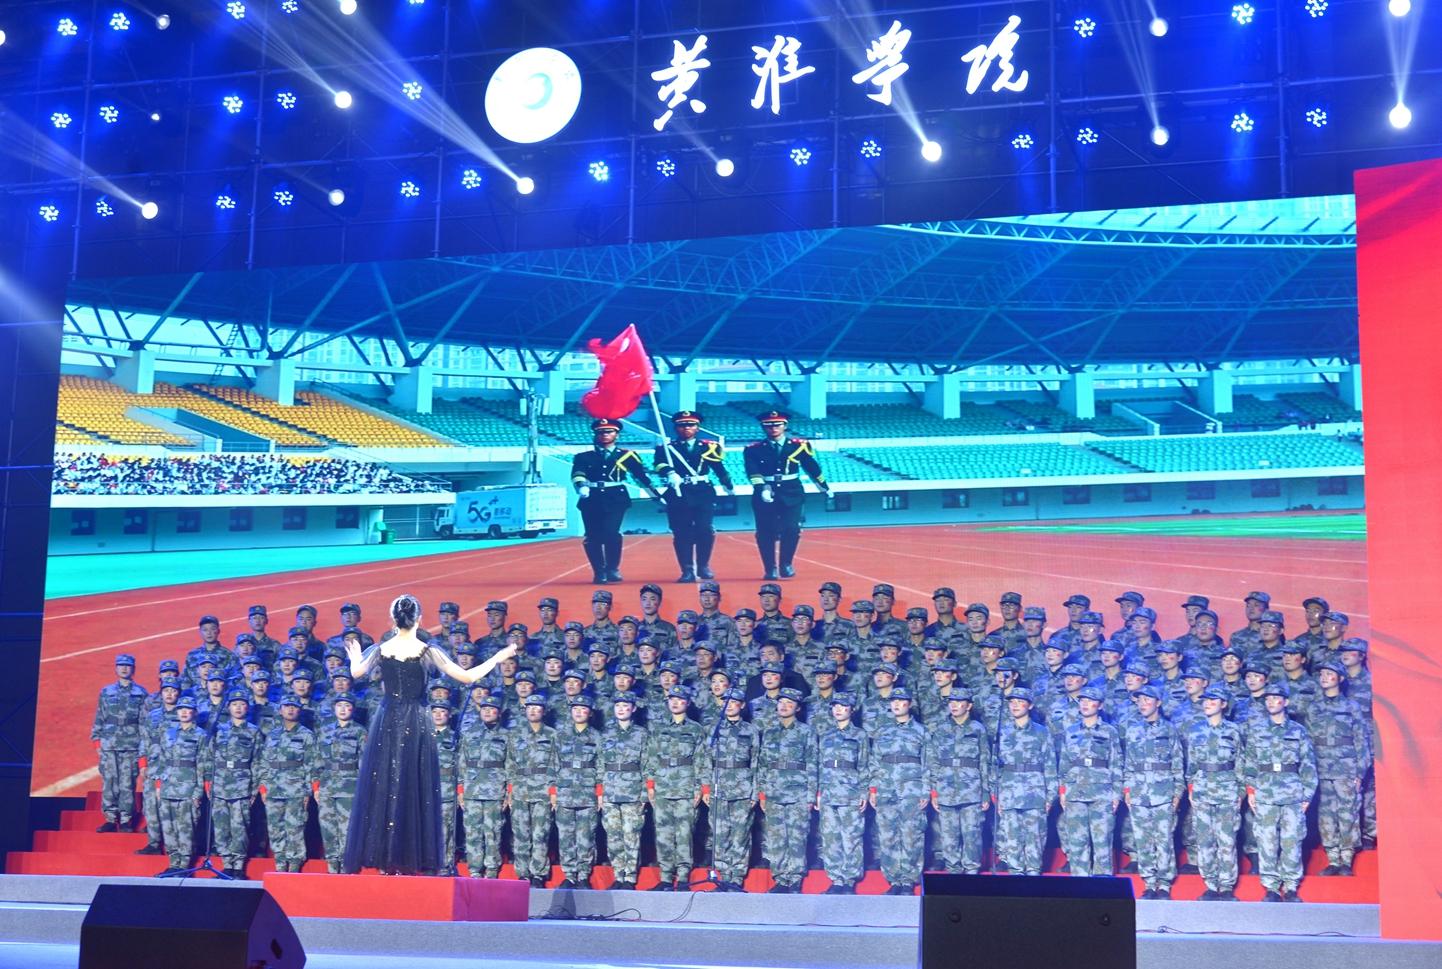 体育学院参加第二届合唱文化节暨第十二届校歌合唱比赛